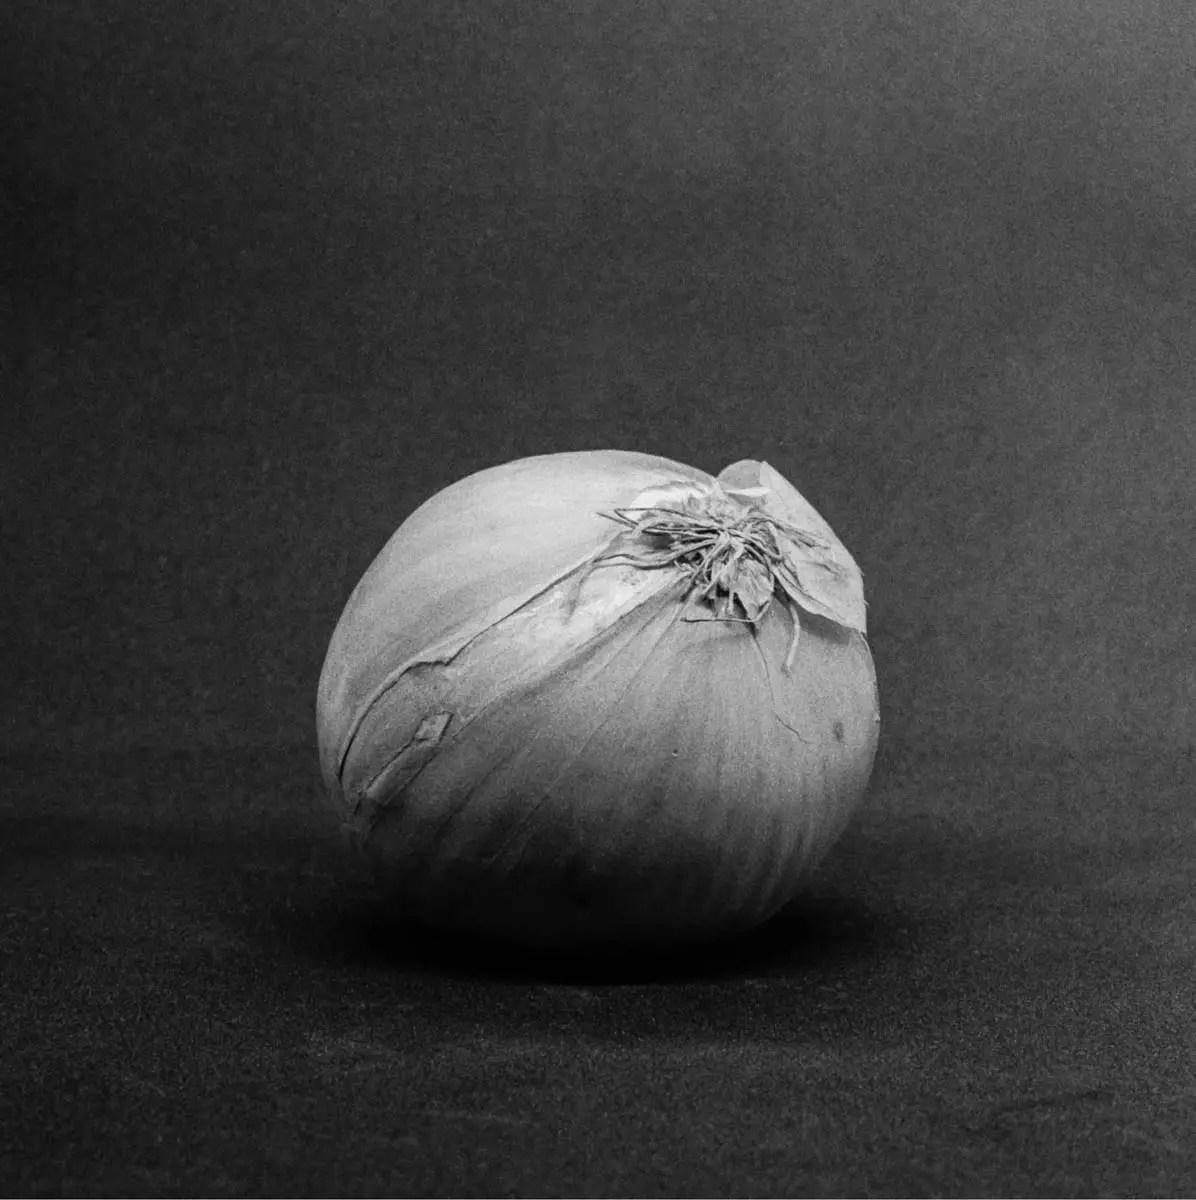 Onion #1 - ILFORD HP5 PLUS, Minolta SRT 101b, MD Rokkor 50mm f/1.7 - Nigel Fishwick